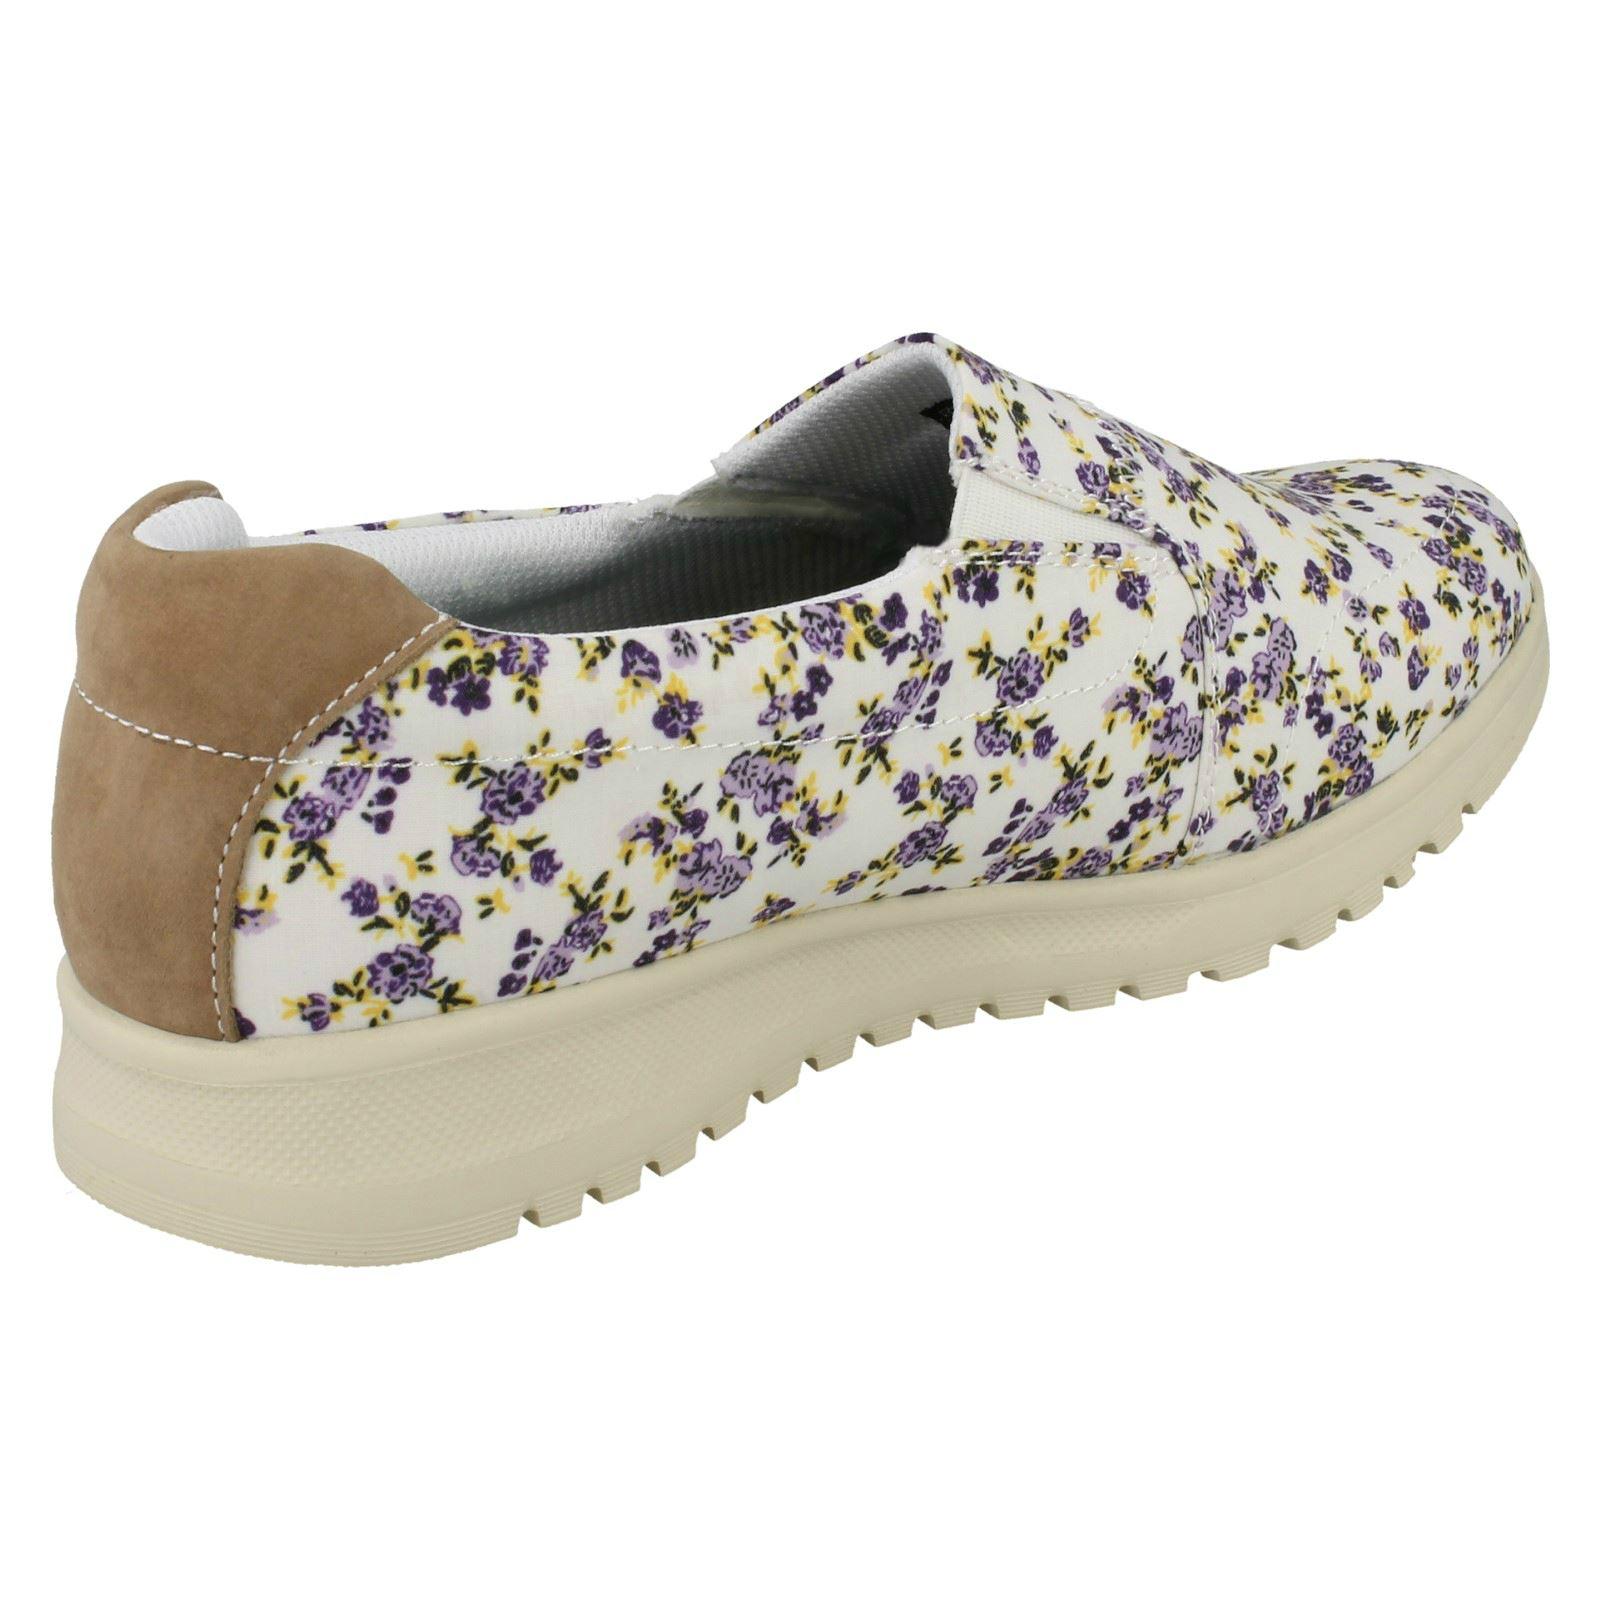 Ladies Ladies Ladies Padders Slip On Casual shoes 'Re Grow' 4841c2